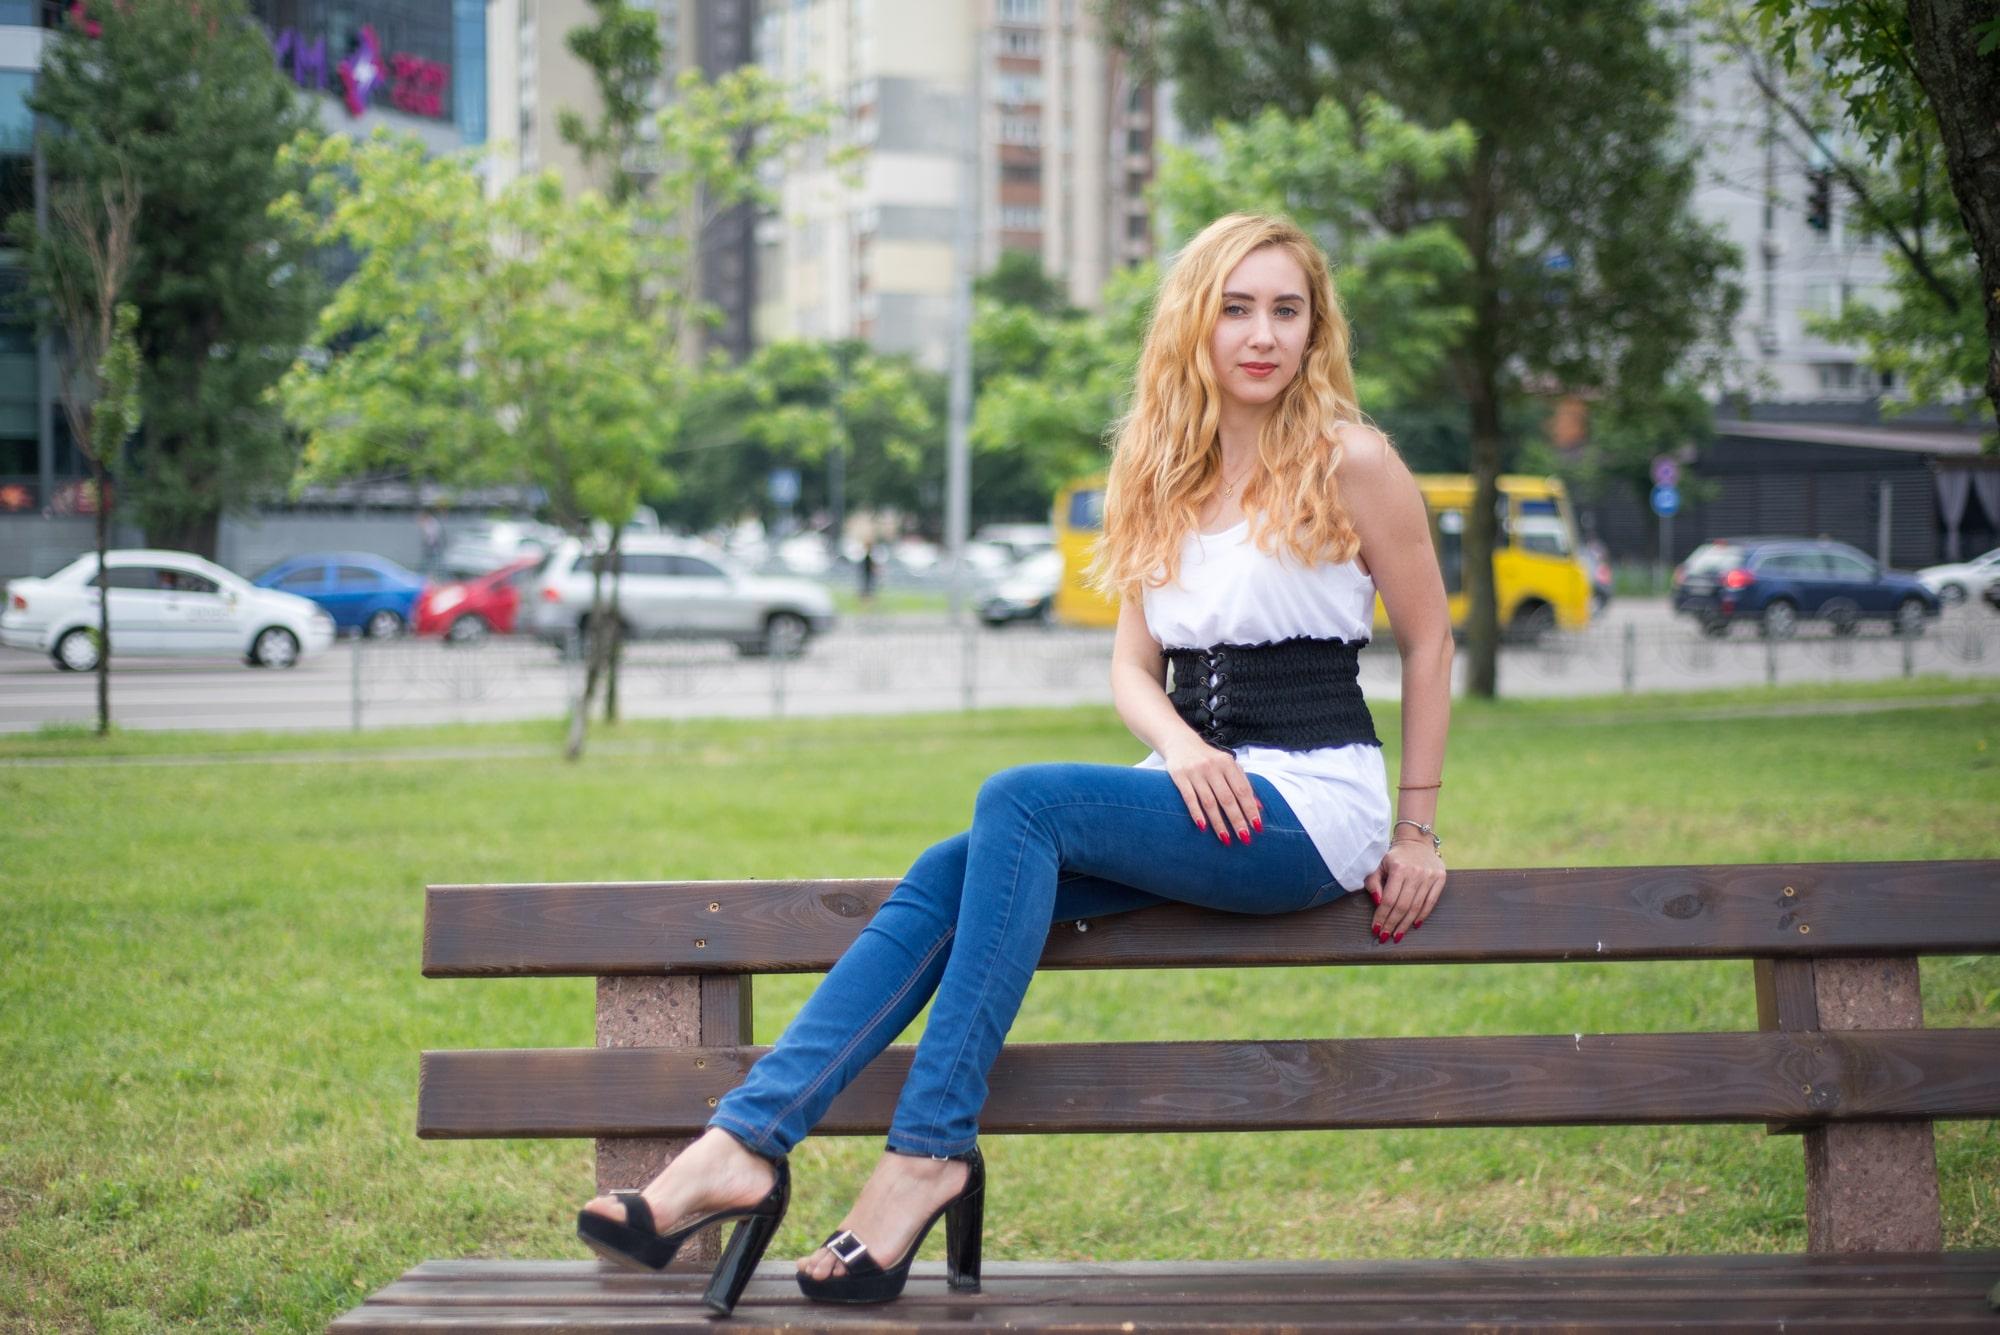 Смелая фотосессия в парке - Фотограф Женя Лайт